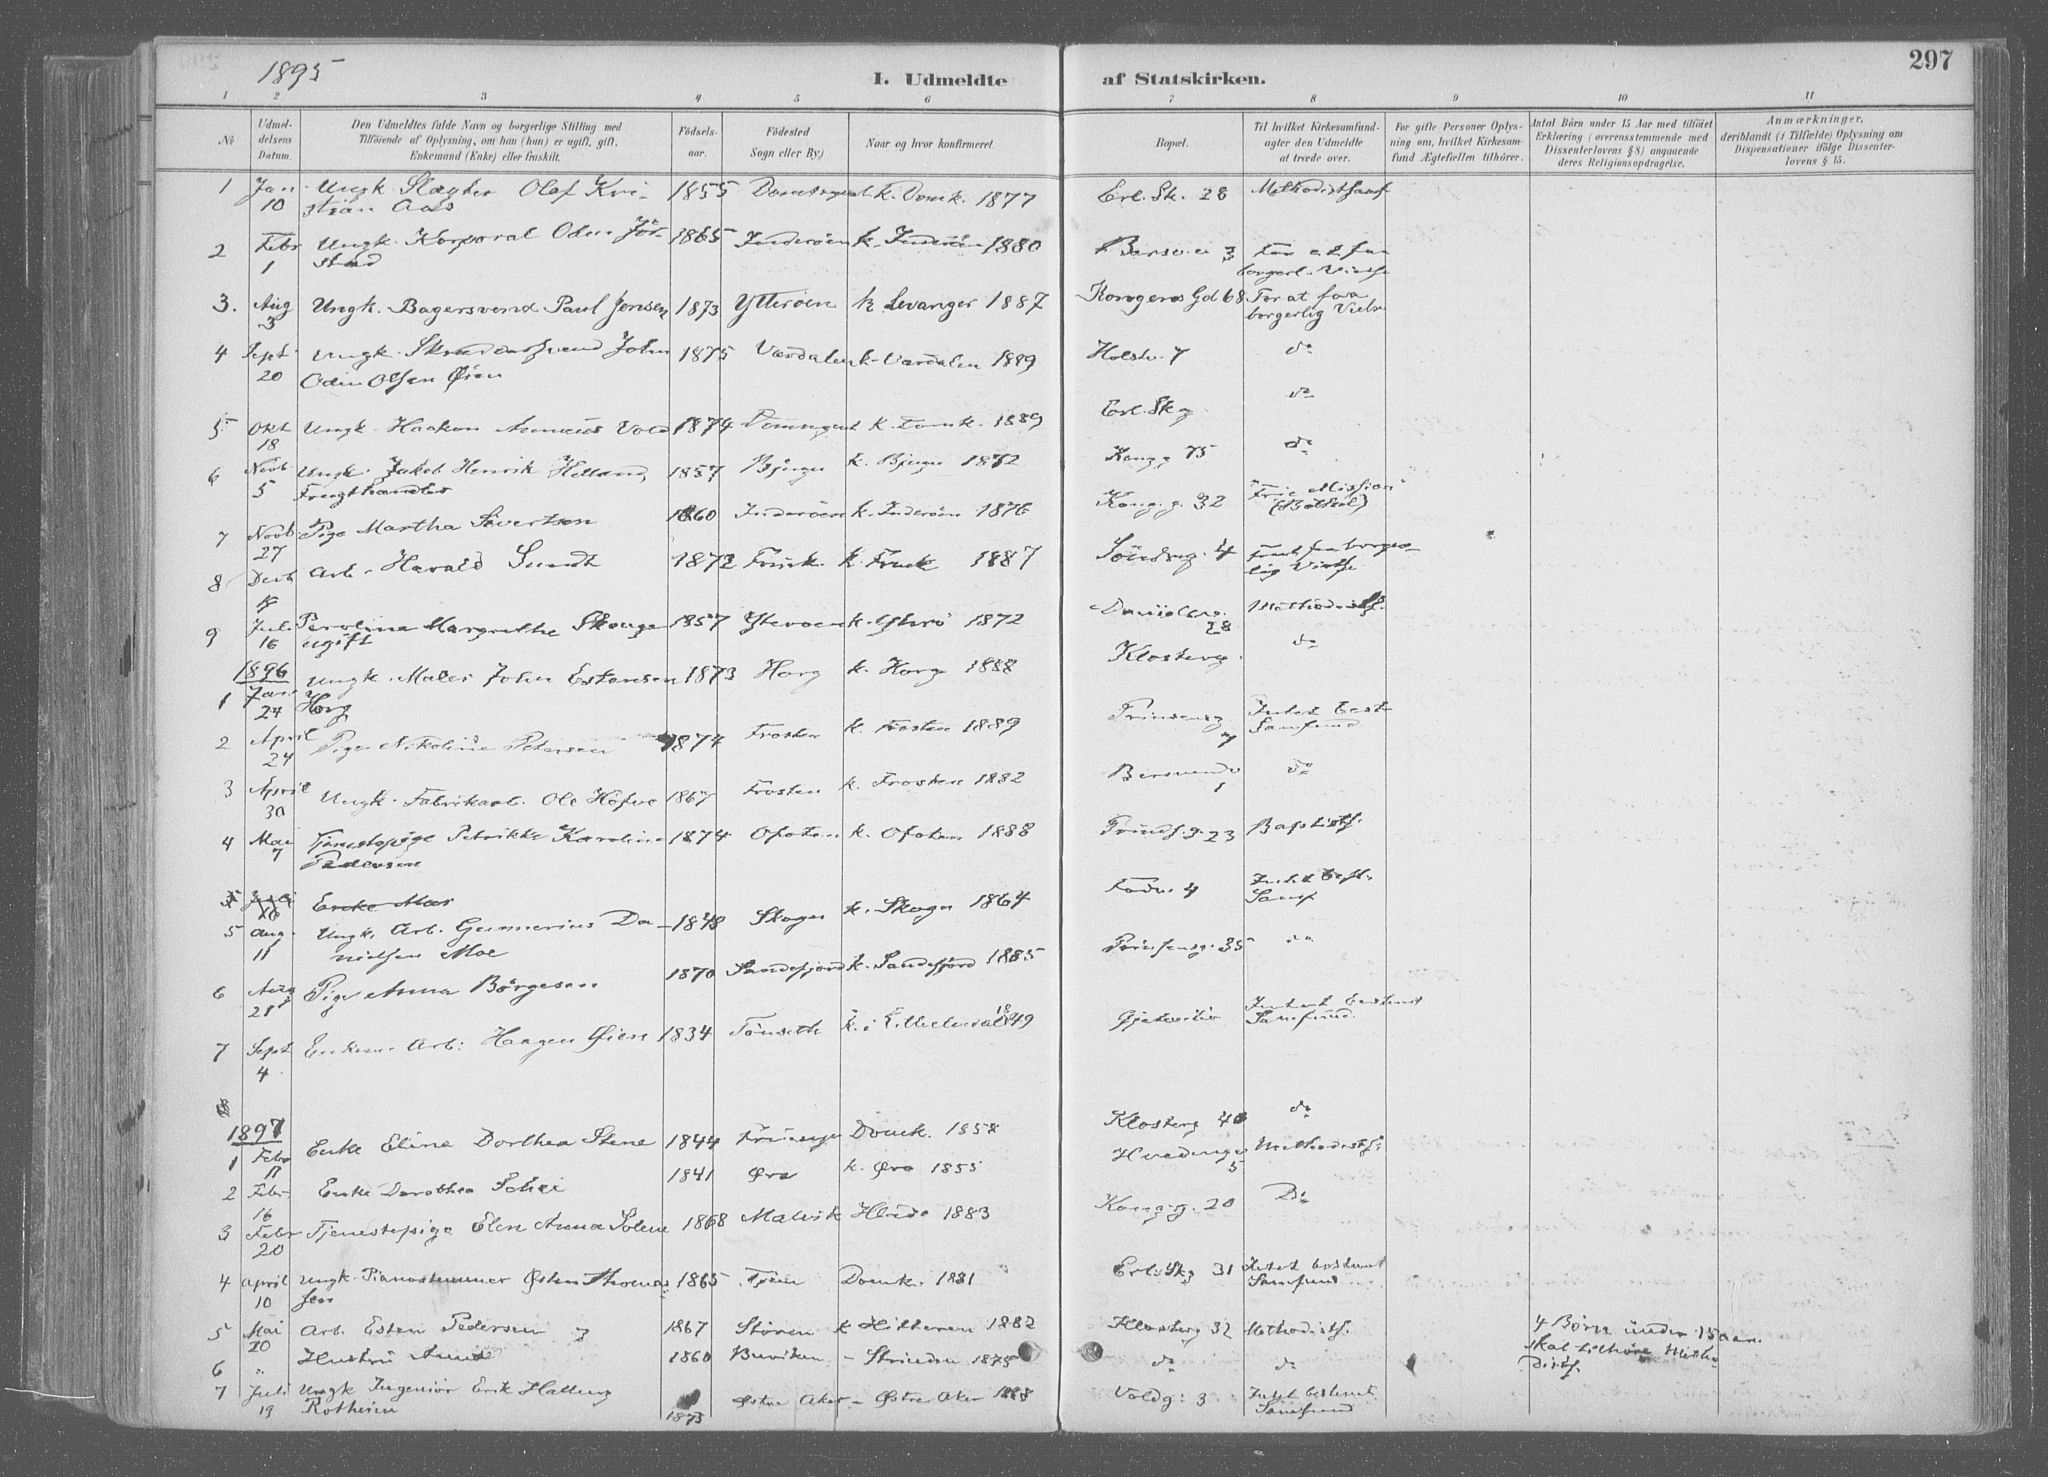 SAT, Ministerialprotokoller, klokkerbøker og fødselsregistre - Sør-Trøndelag, 601/L0064: Ministerialbok nr. 601A31, 1891-1911, s. 297